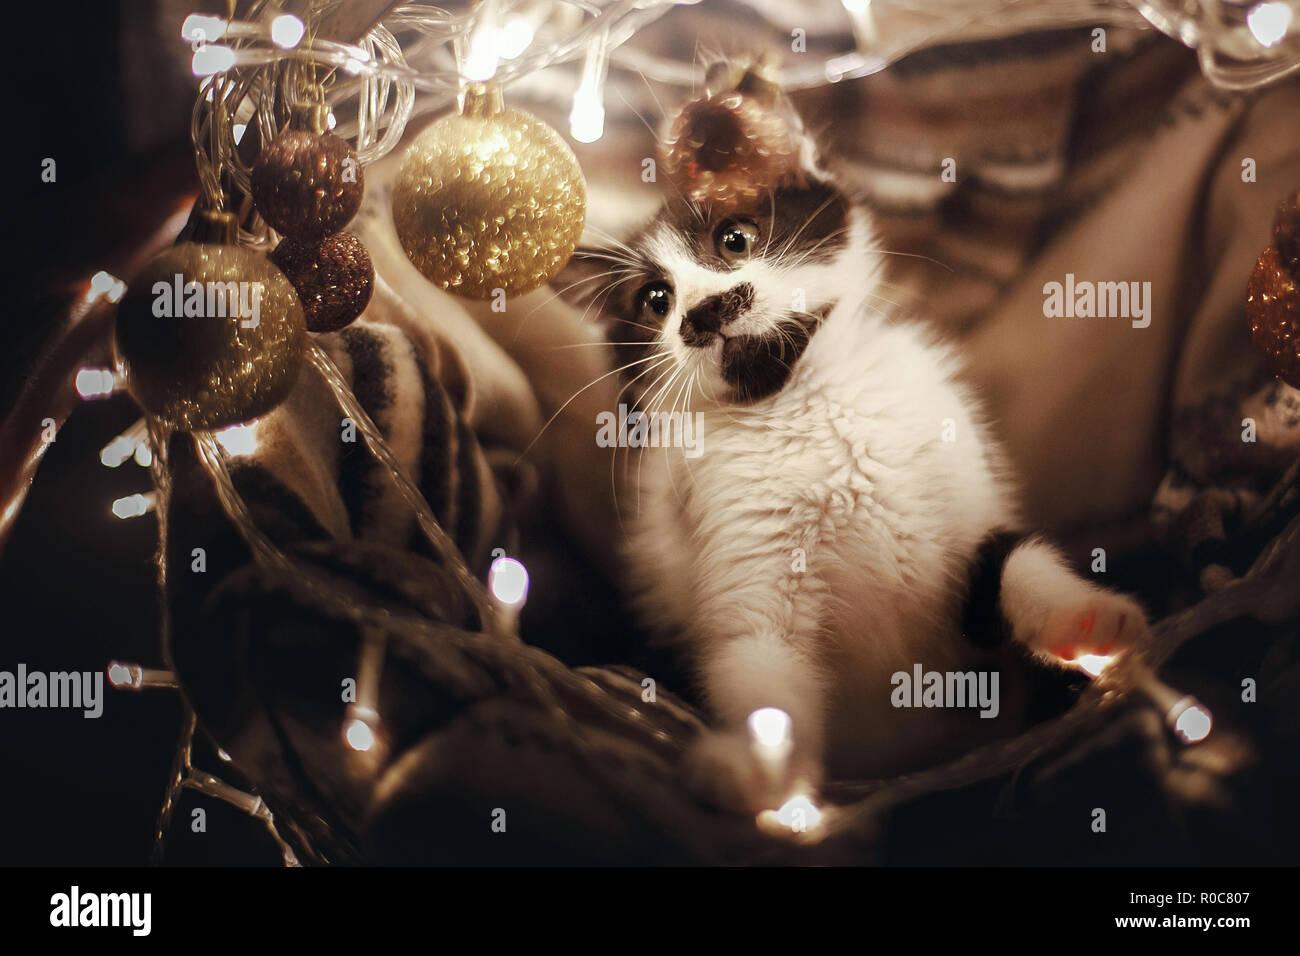 Cute kitty jouant avec ornements en panier avec des lumières en vertu de l'arbre de Noël dans la salle des fêtes. Adorable chaton drôle avec de superbes yeux. Joyeux Noël Photo Stock